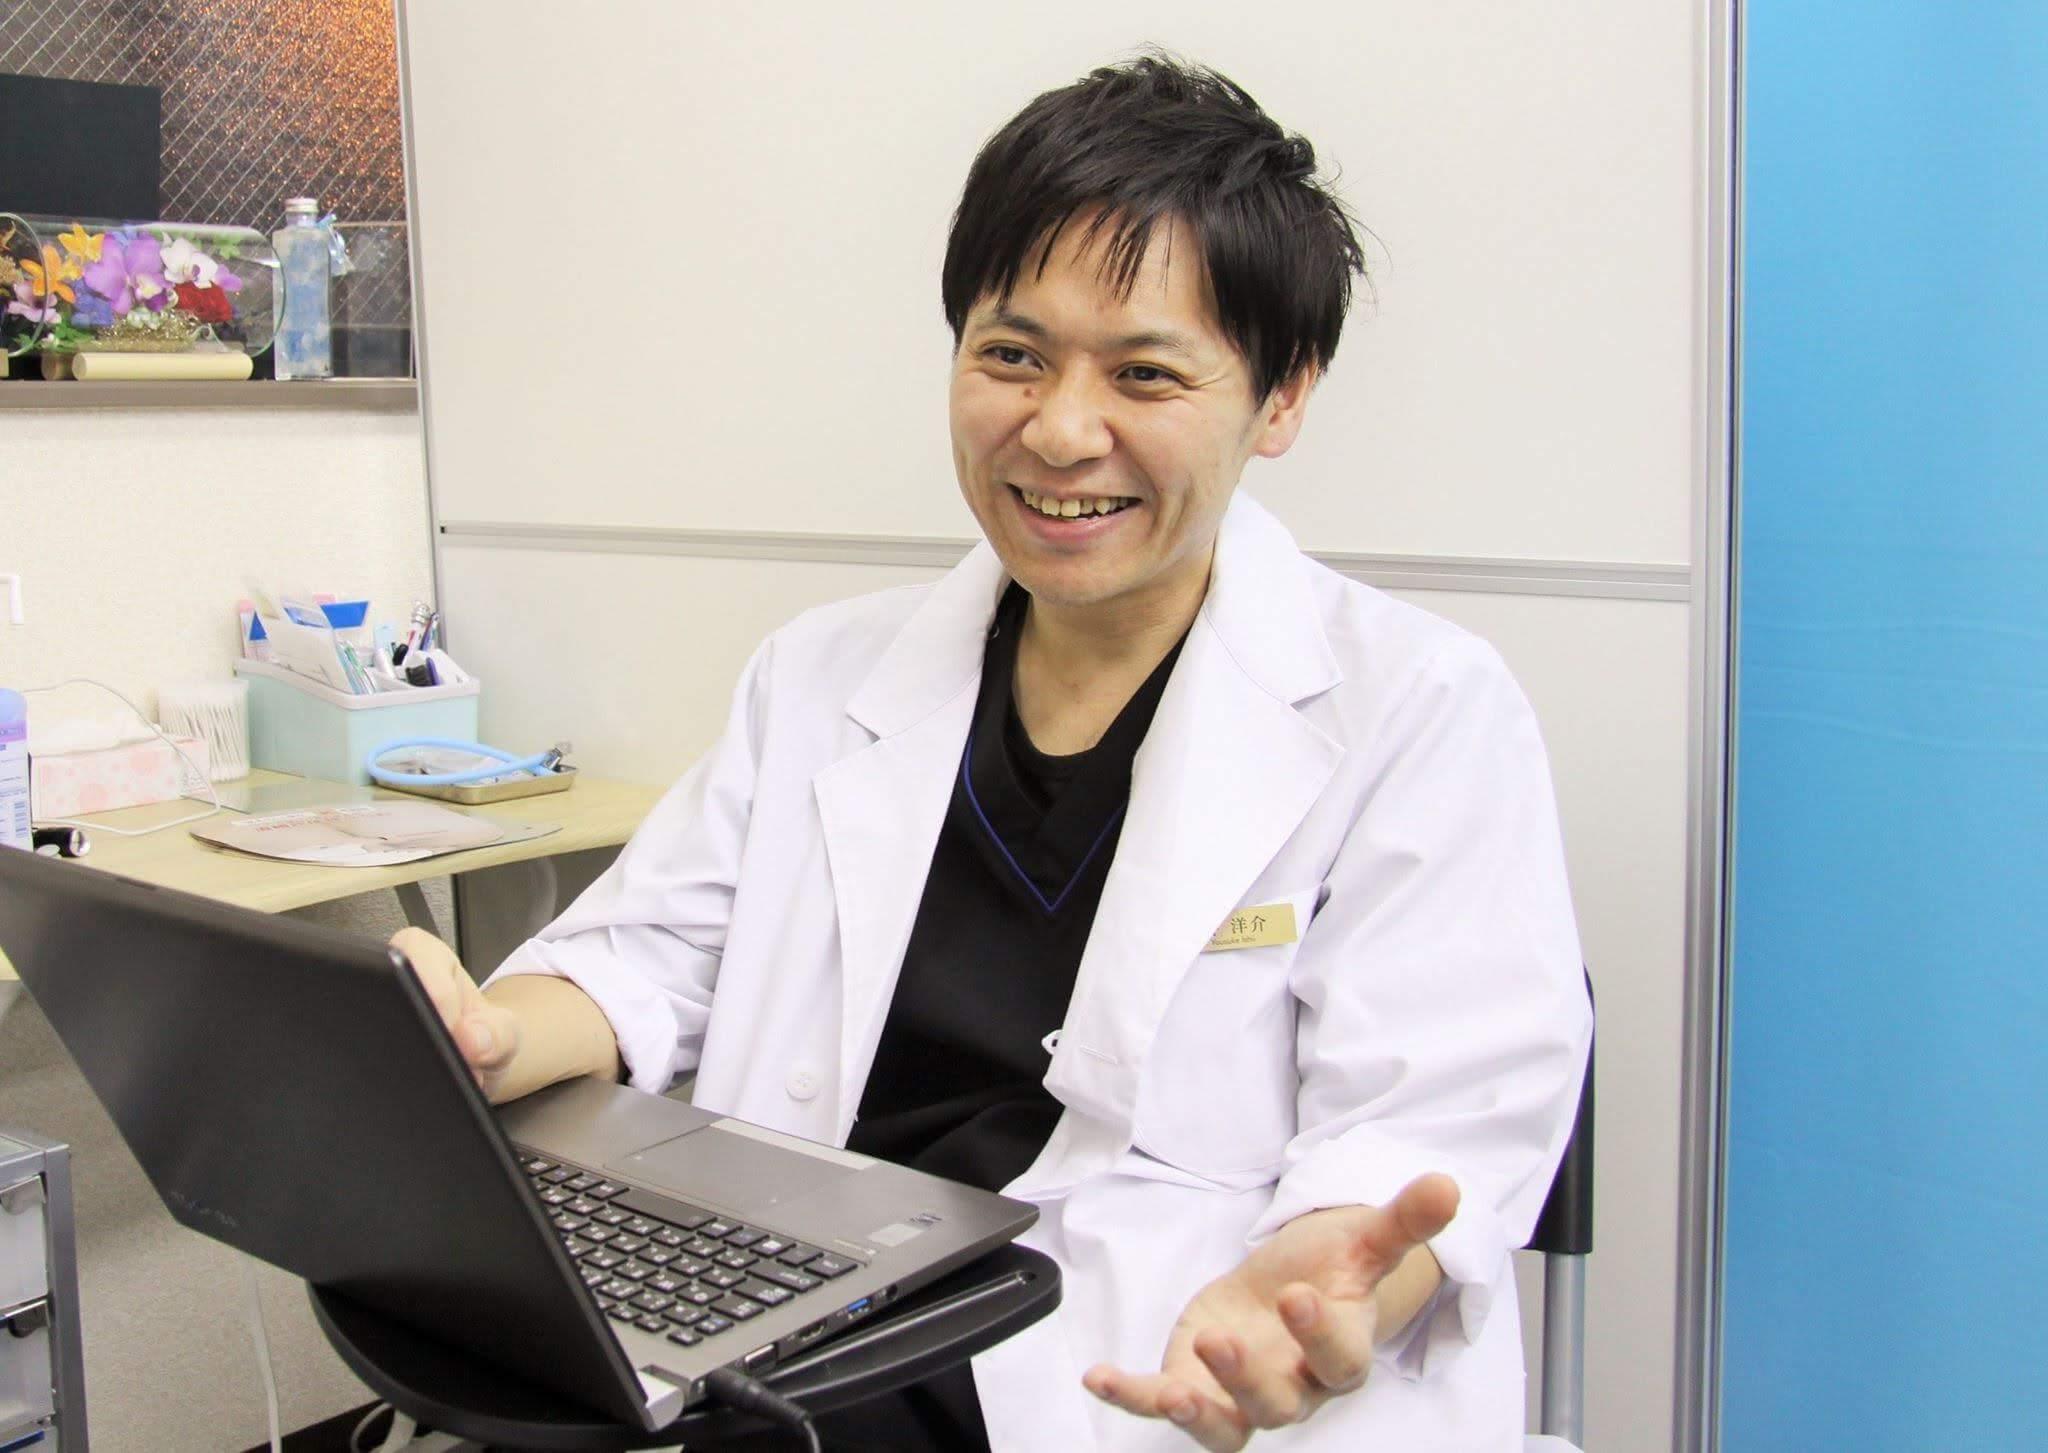 石井洋介さんがアドバイザーを務める「医学部予備校メディセンス」偏差値30からの医学部合格をサポート!